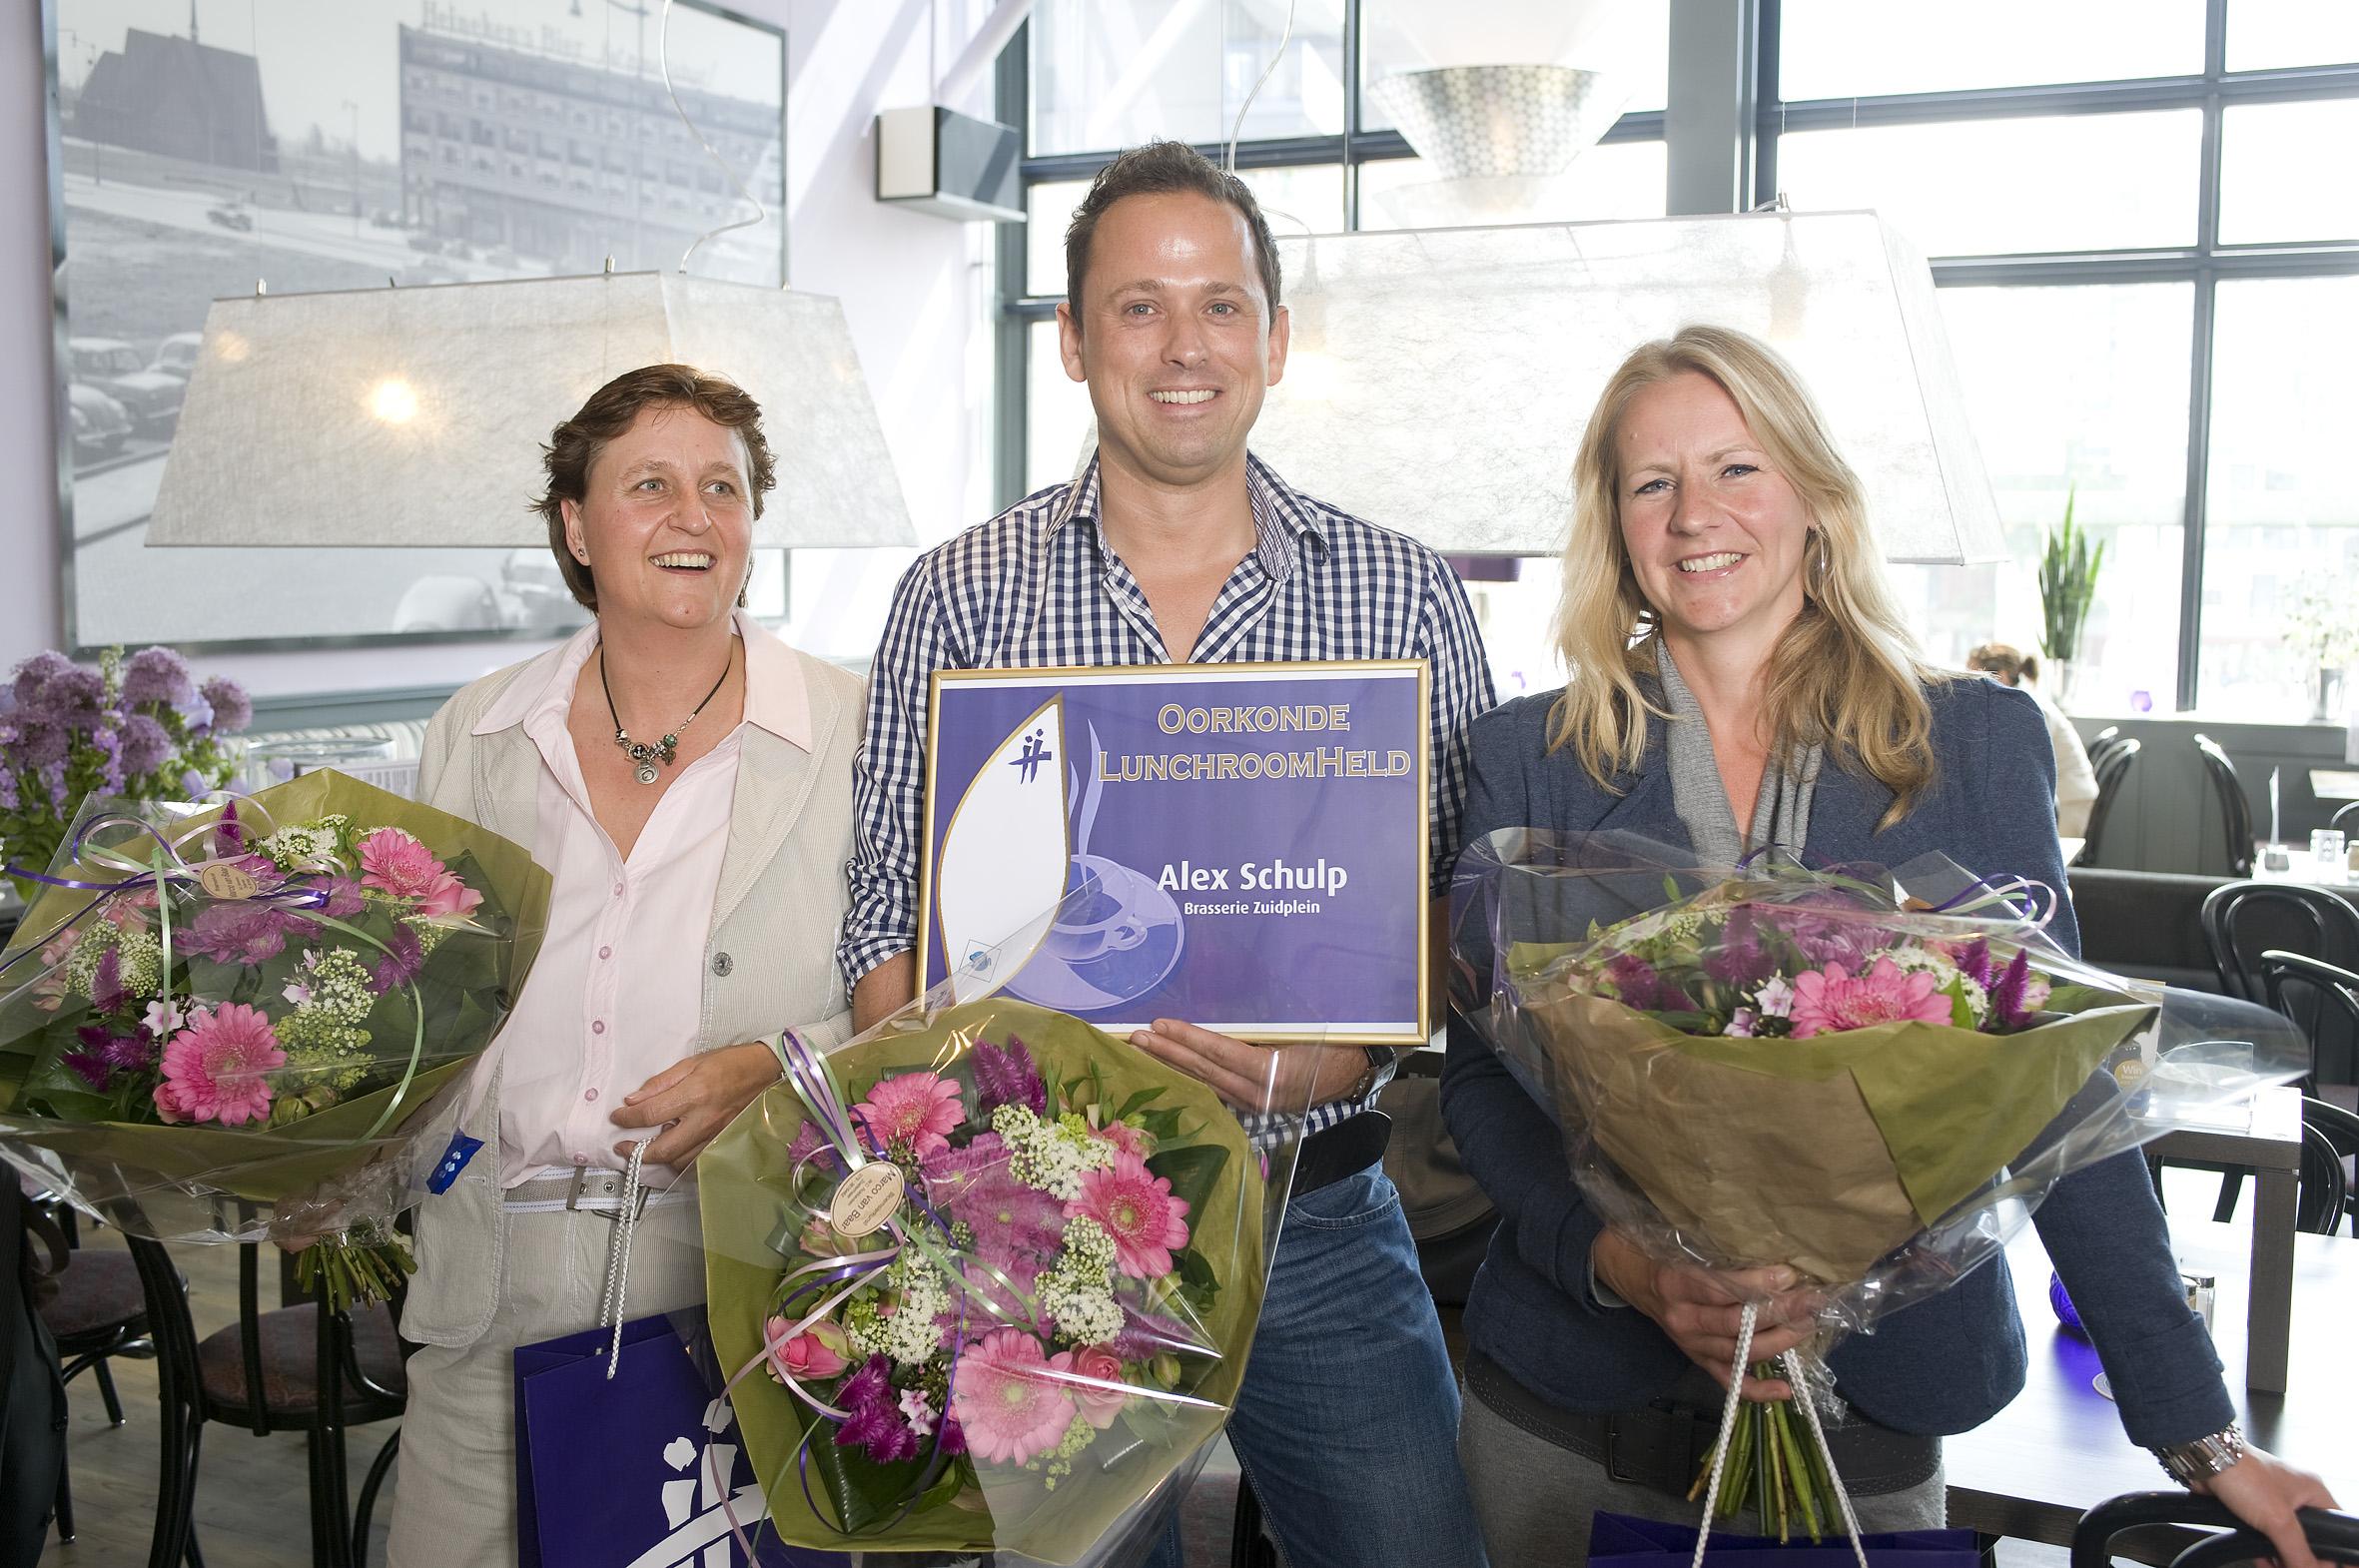 Teestie feliciteert Alex Schulp met de titel LunchroomHeld 2011.